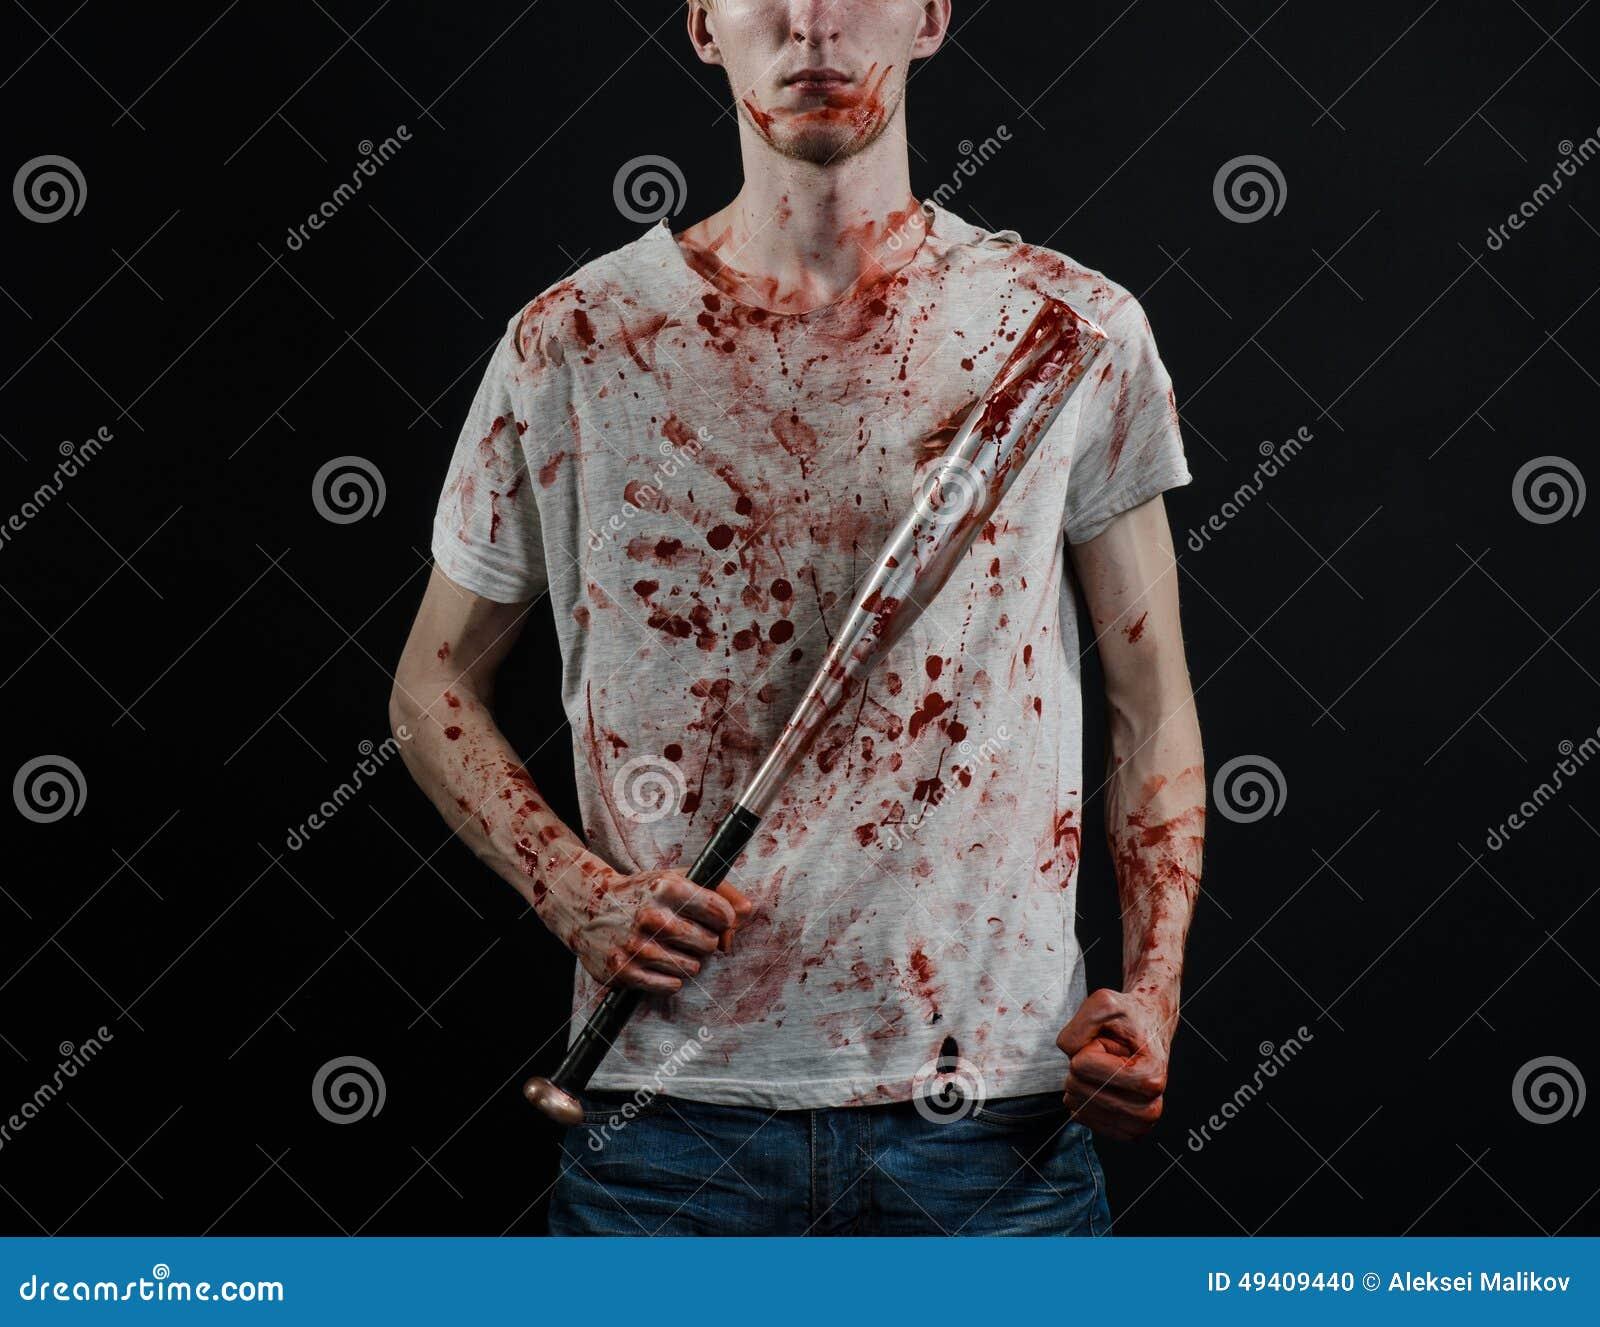 Download Blutiges Thema: Der Kerl In Einem Blutigen T-Shirt, Das Einen Blutigen Schläger Auf Einem Schwarzen Hintergrund Hält Stockfoto - Bild von hintergrund, hand: 49409440